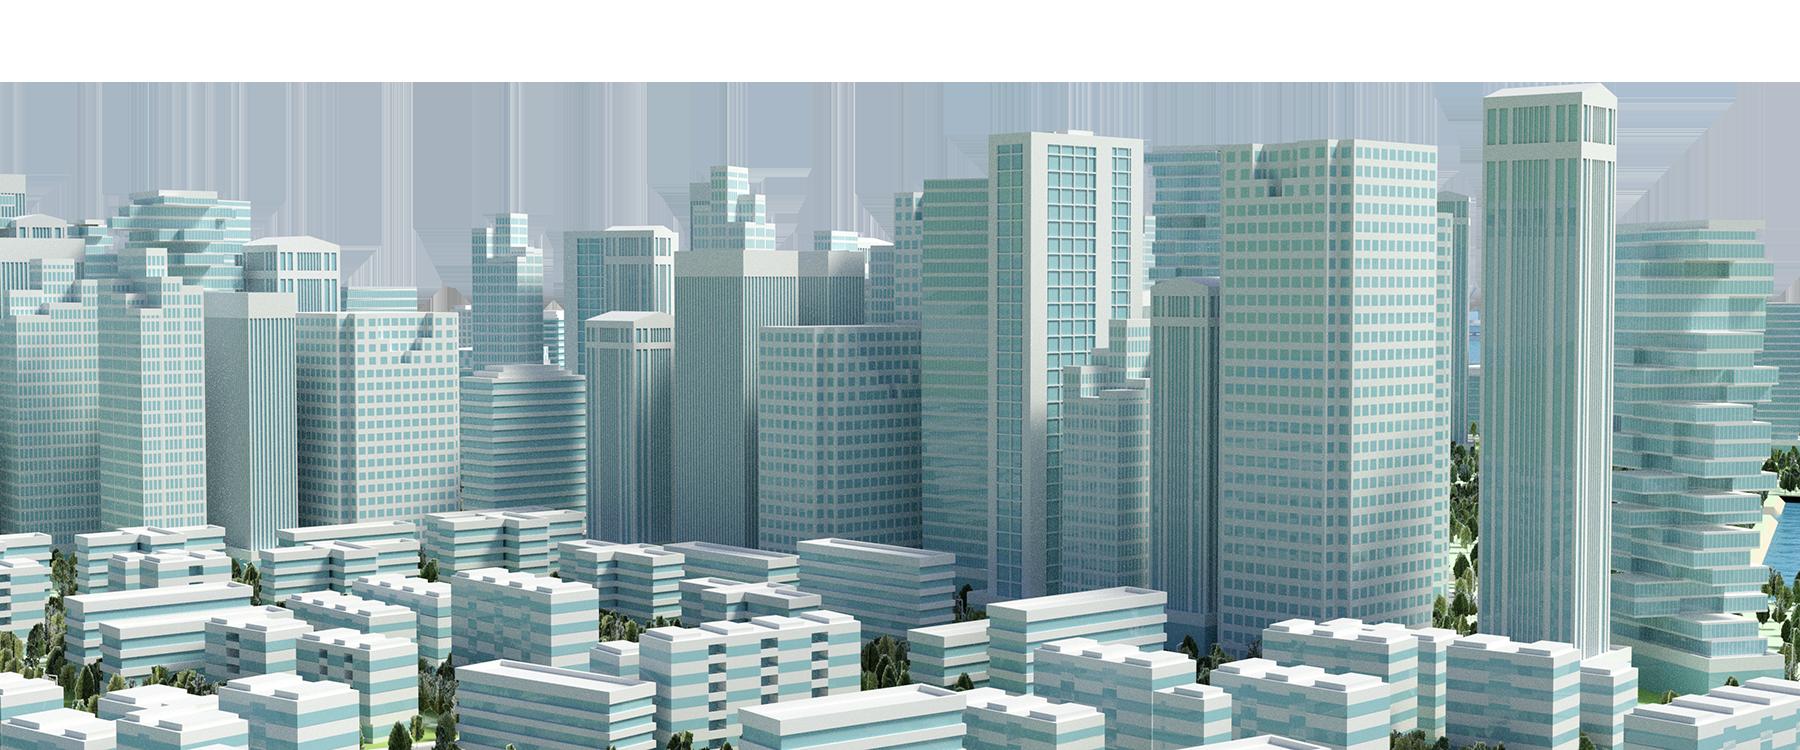 Buildings PNG HD - 142189